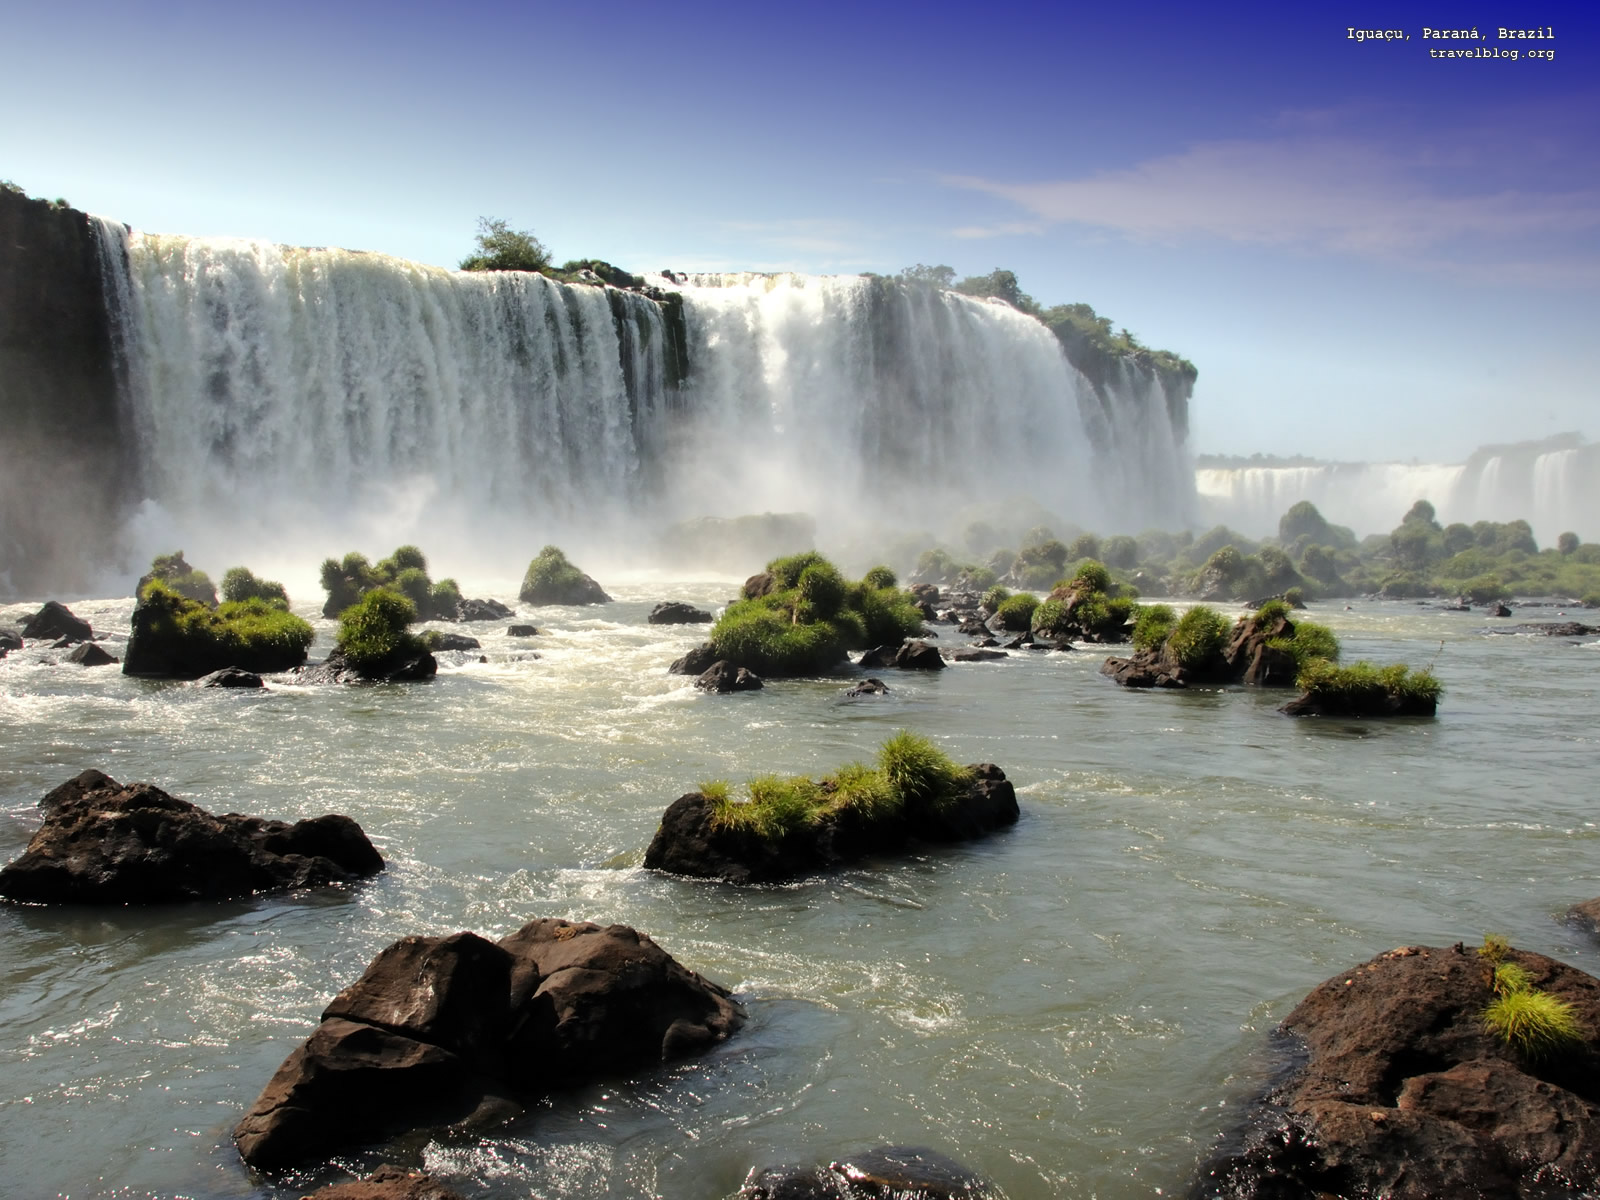 http://4.bp.blogspot.com/_2PPaaUqMnW0/TNPXiTuQH6I/AAAAAAAAAIU/bfIoa-RwaBA/s1600/waterfall_desktop_background-1600x1200.jpg